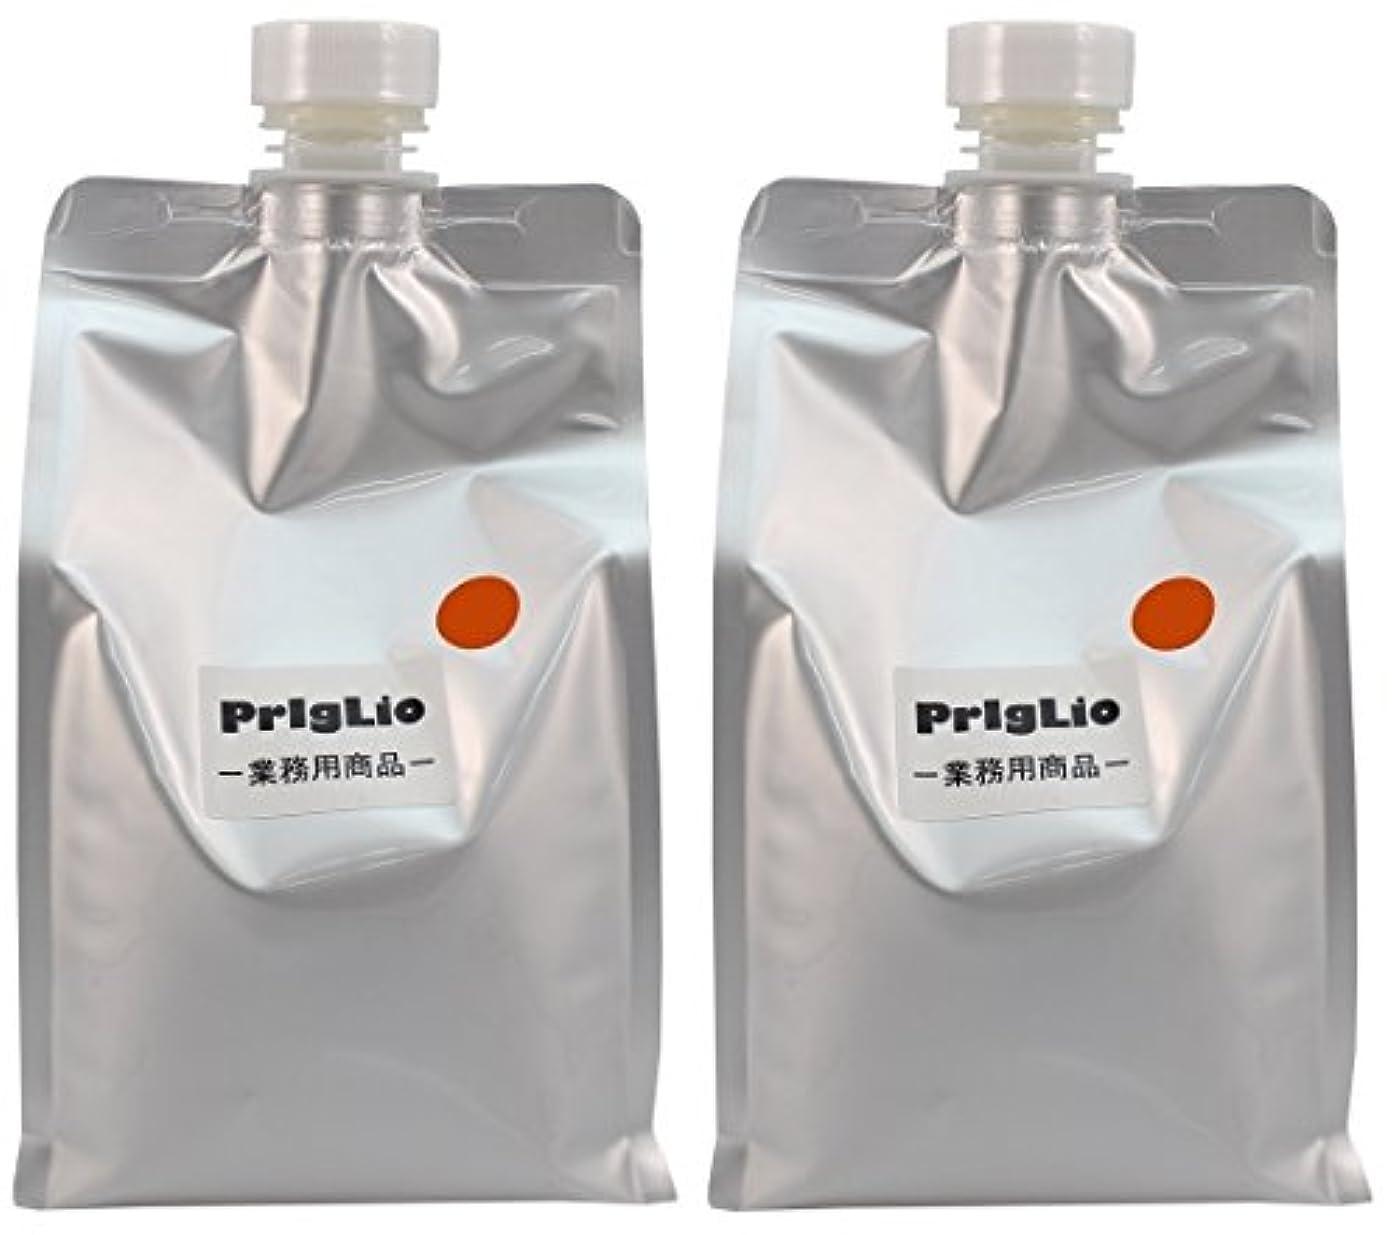 シャーレイ公然と【2個セット】プリグリオ D ヘアー サプリメント オレンジ 900ml